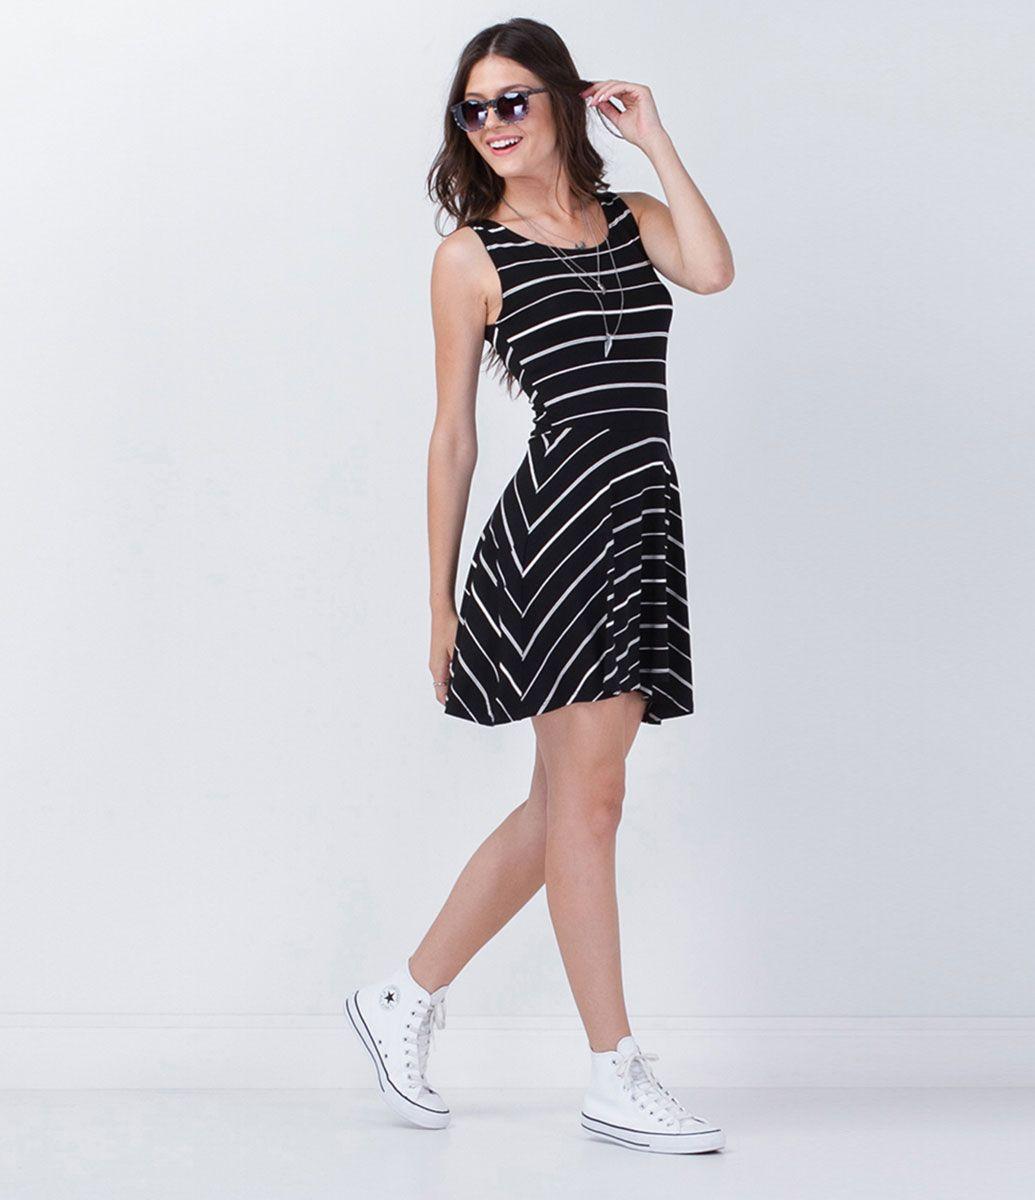 Vestido Listrado - Lojas Renner Mais 3a74a88bb8c